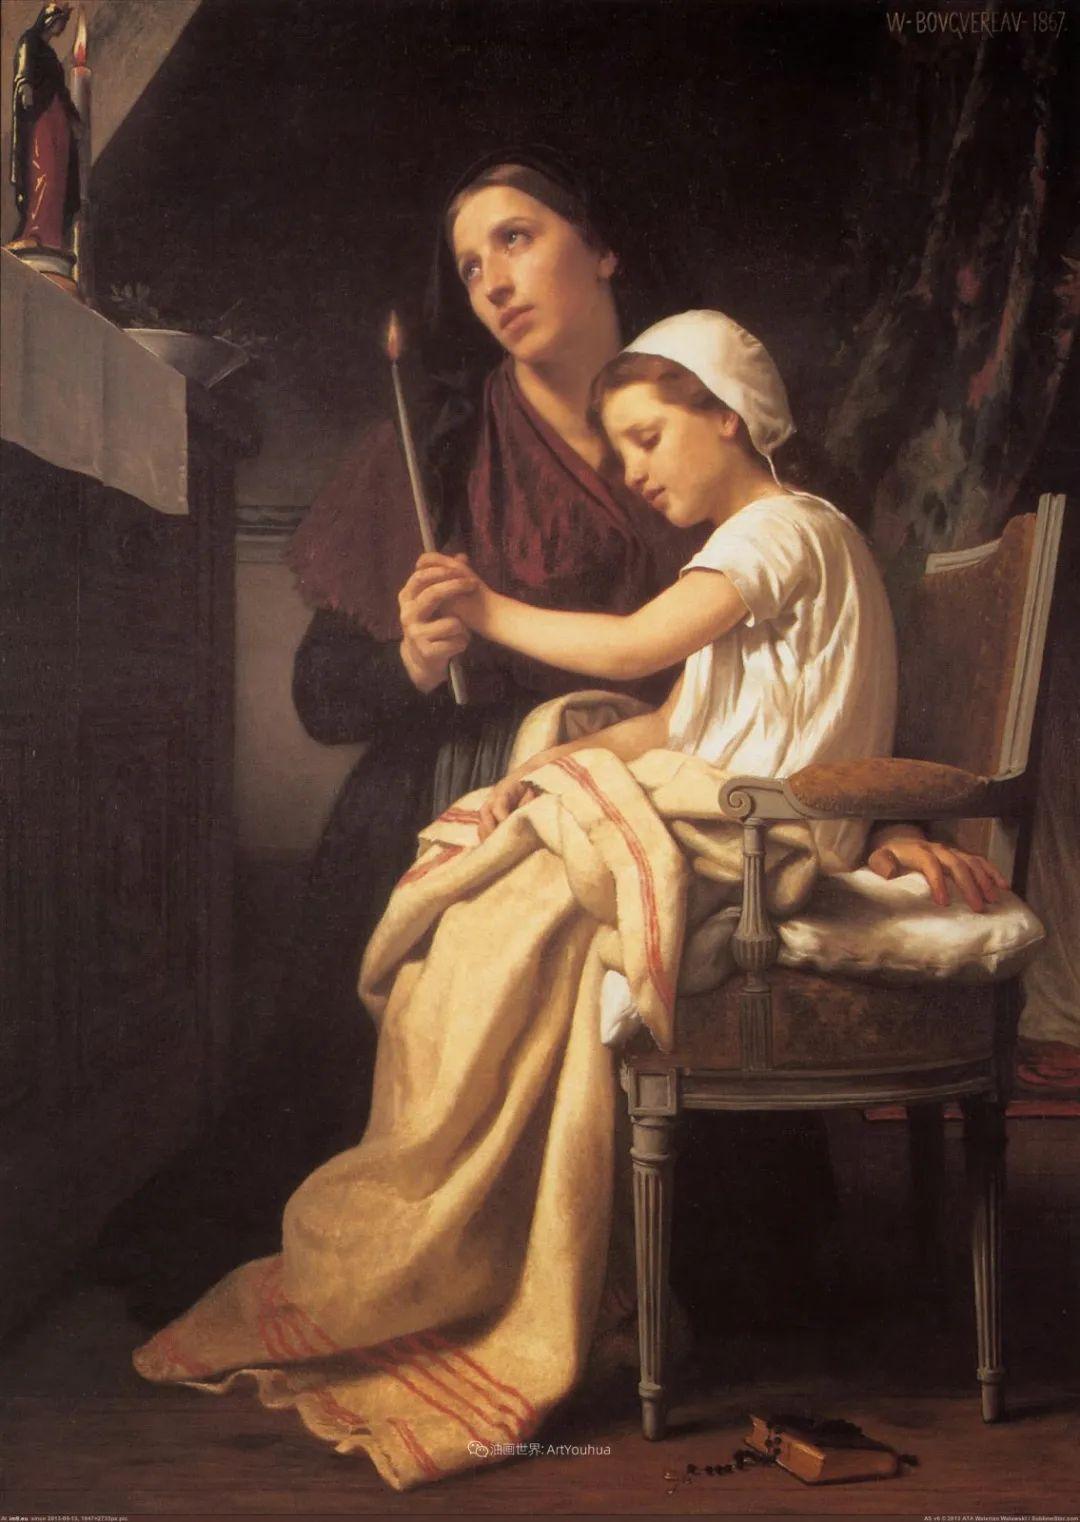 母爱篇,古典主义巨匠布格罗(中)插图39